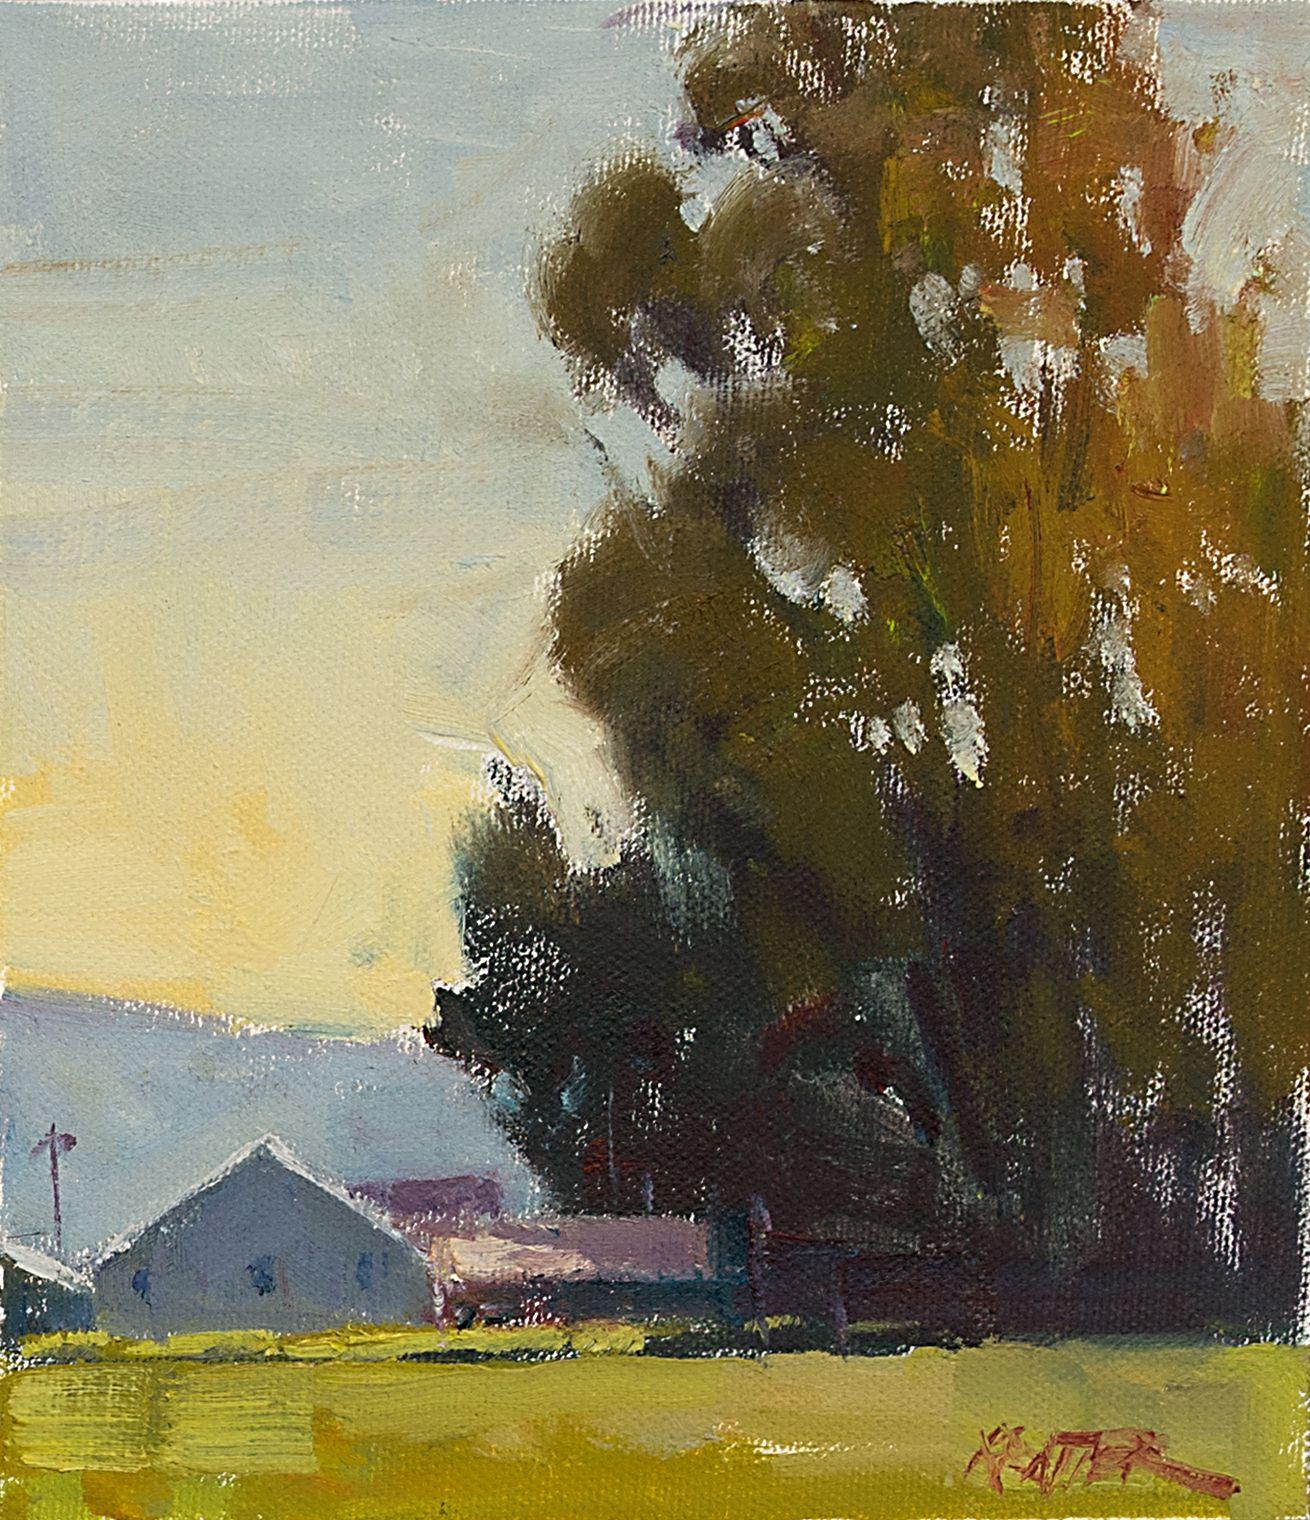 10 Paul Kratter Painting Small Paintings Plein Air Paintings